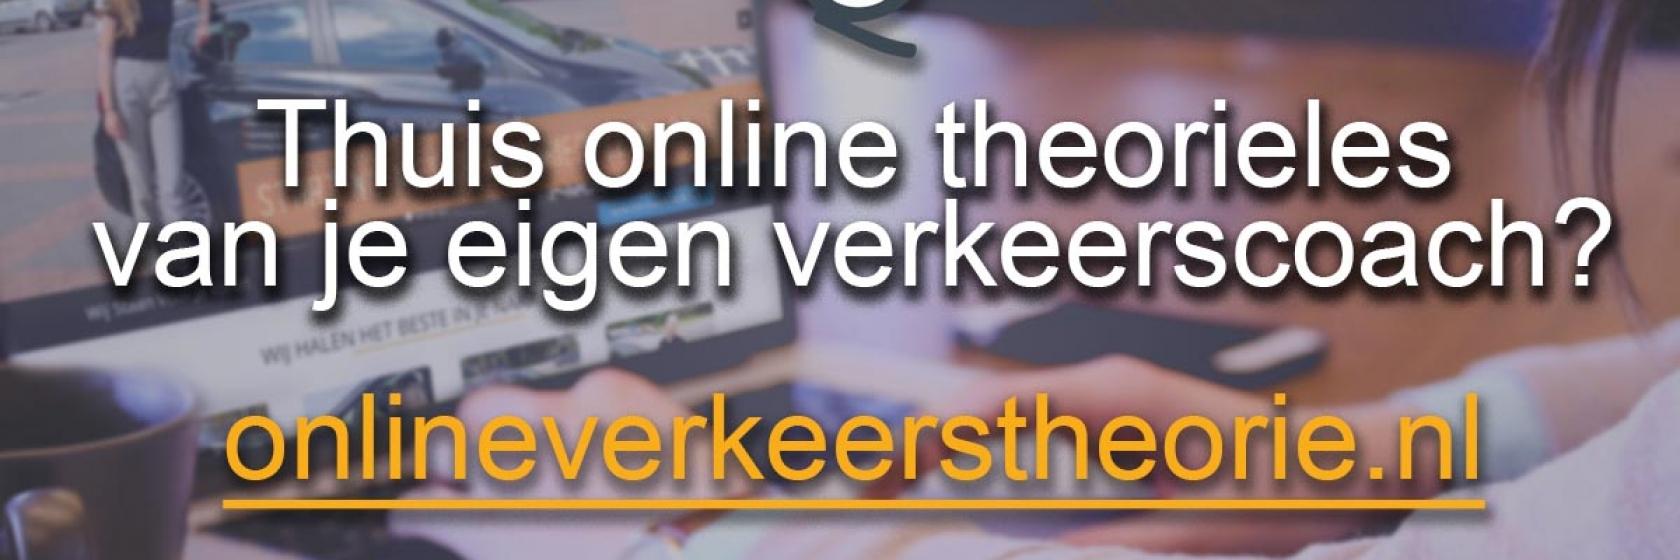 onlineverkeerstheorie